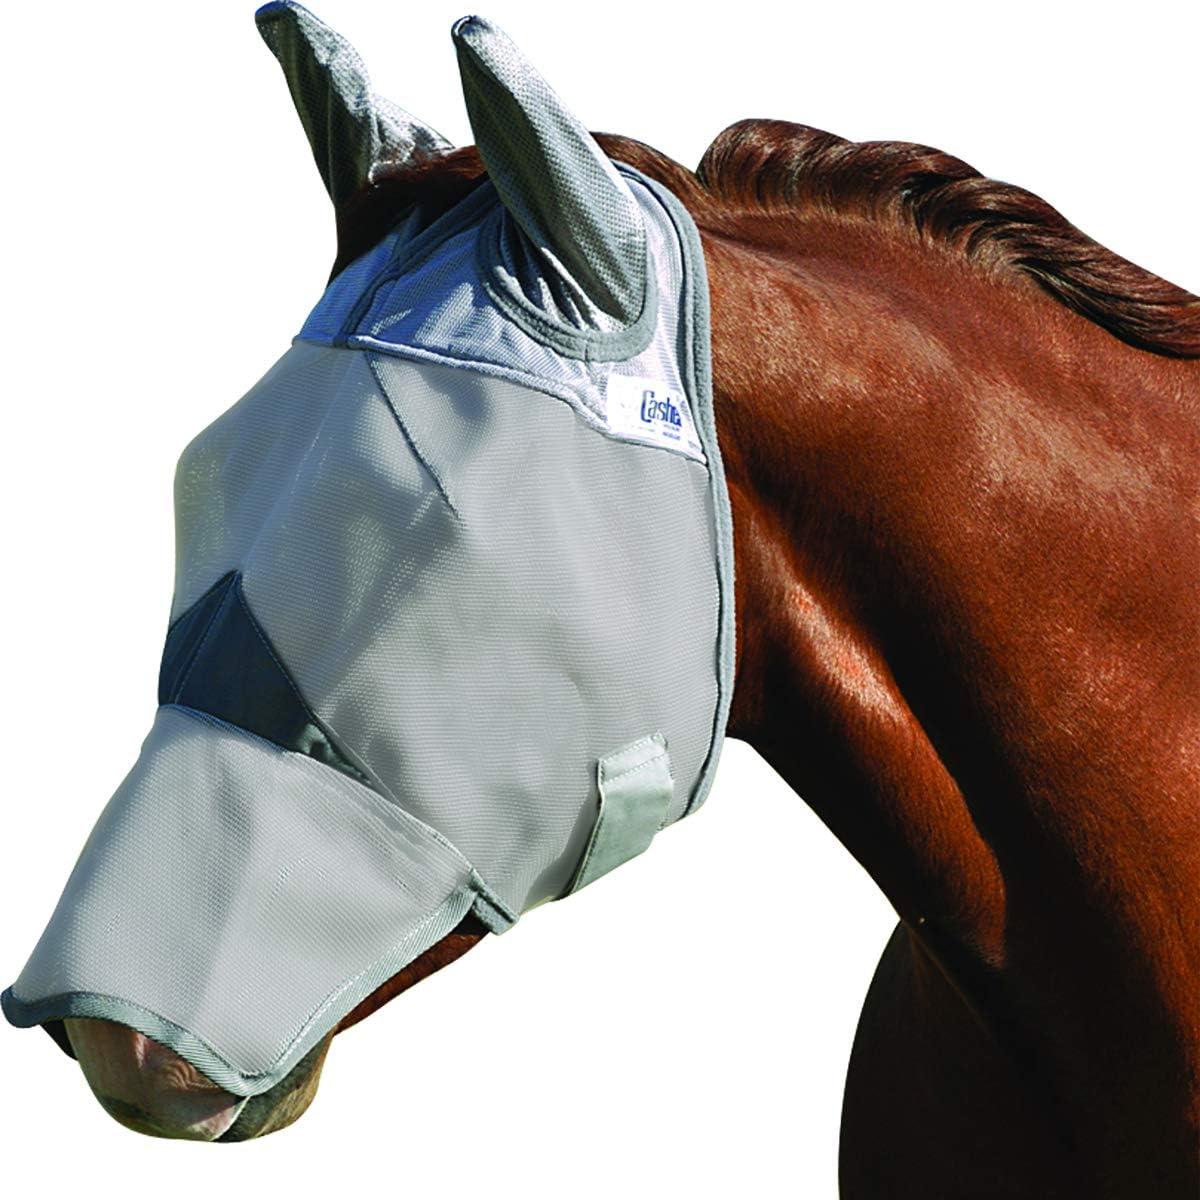 Best Fly Masks for Horses - Cashel Crusader Masks